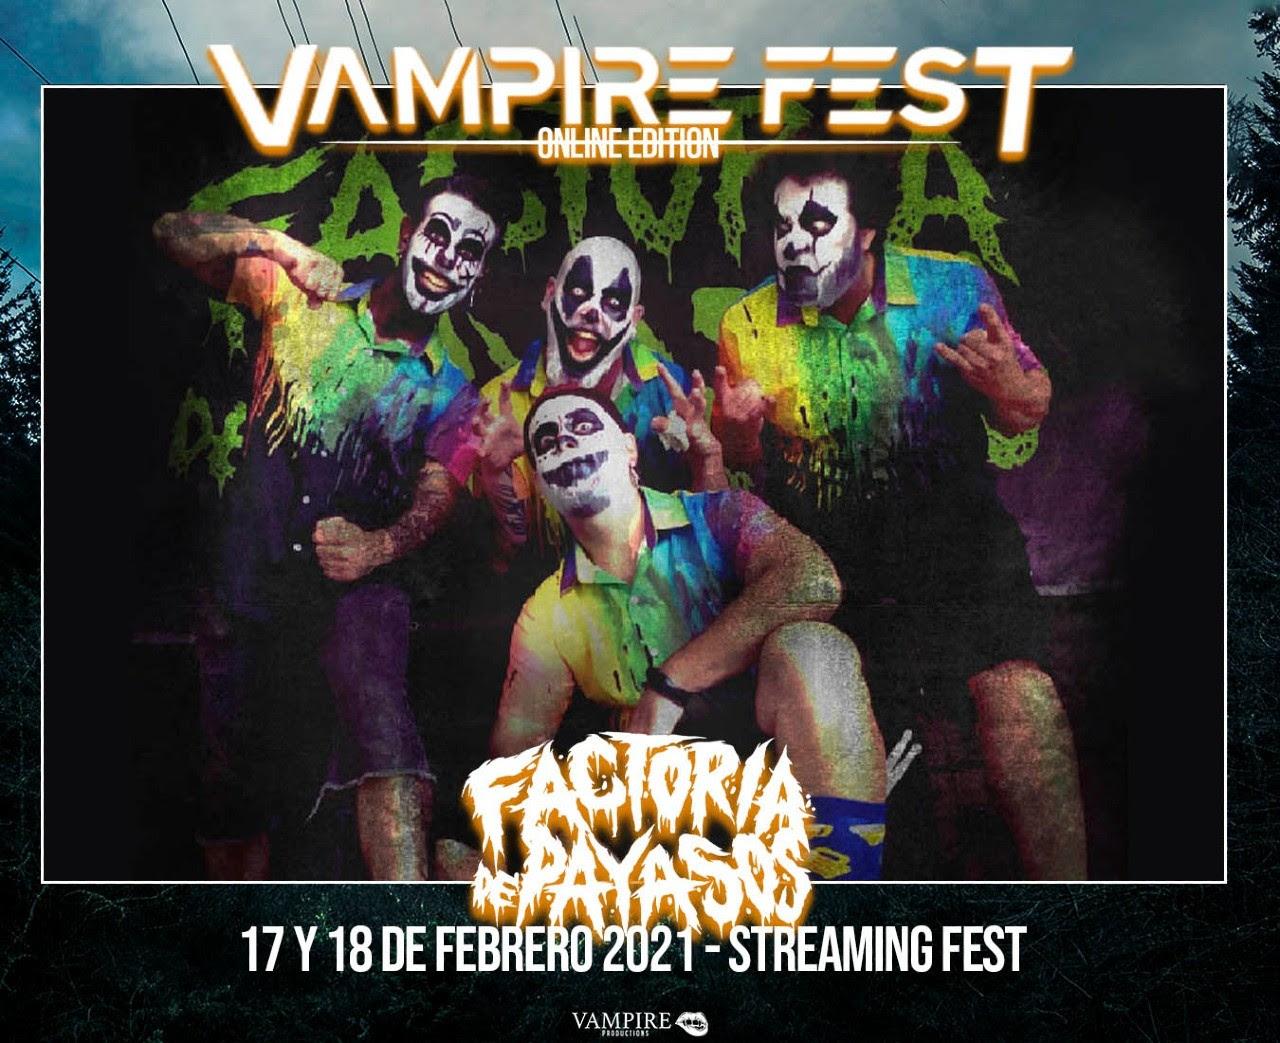 Vampire Fest Online Edition presenta 4 nuevas bandas